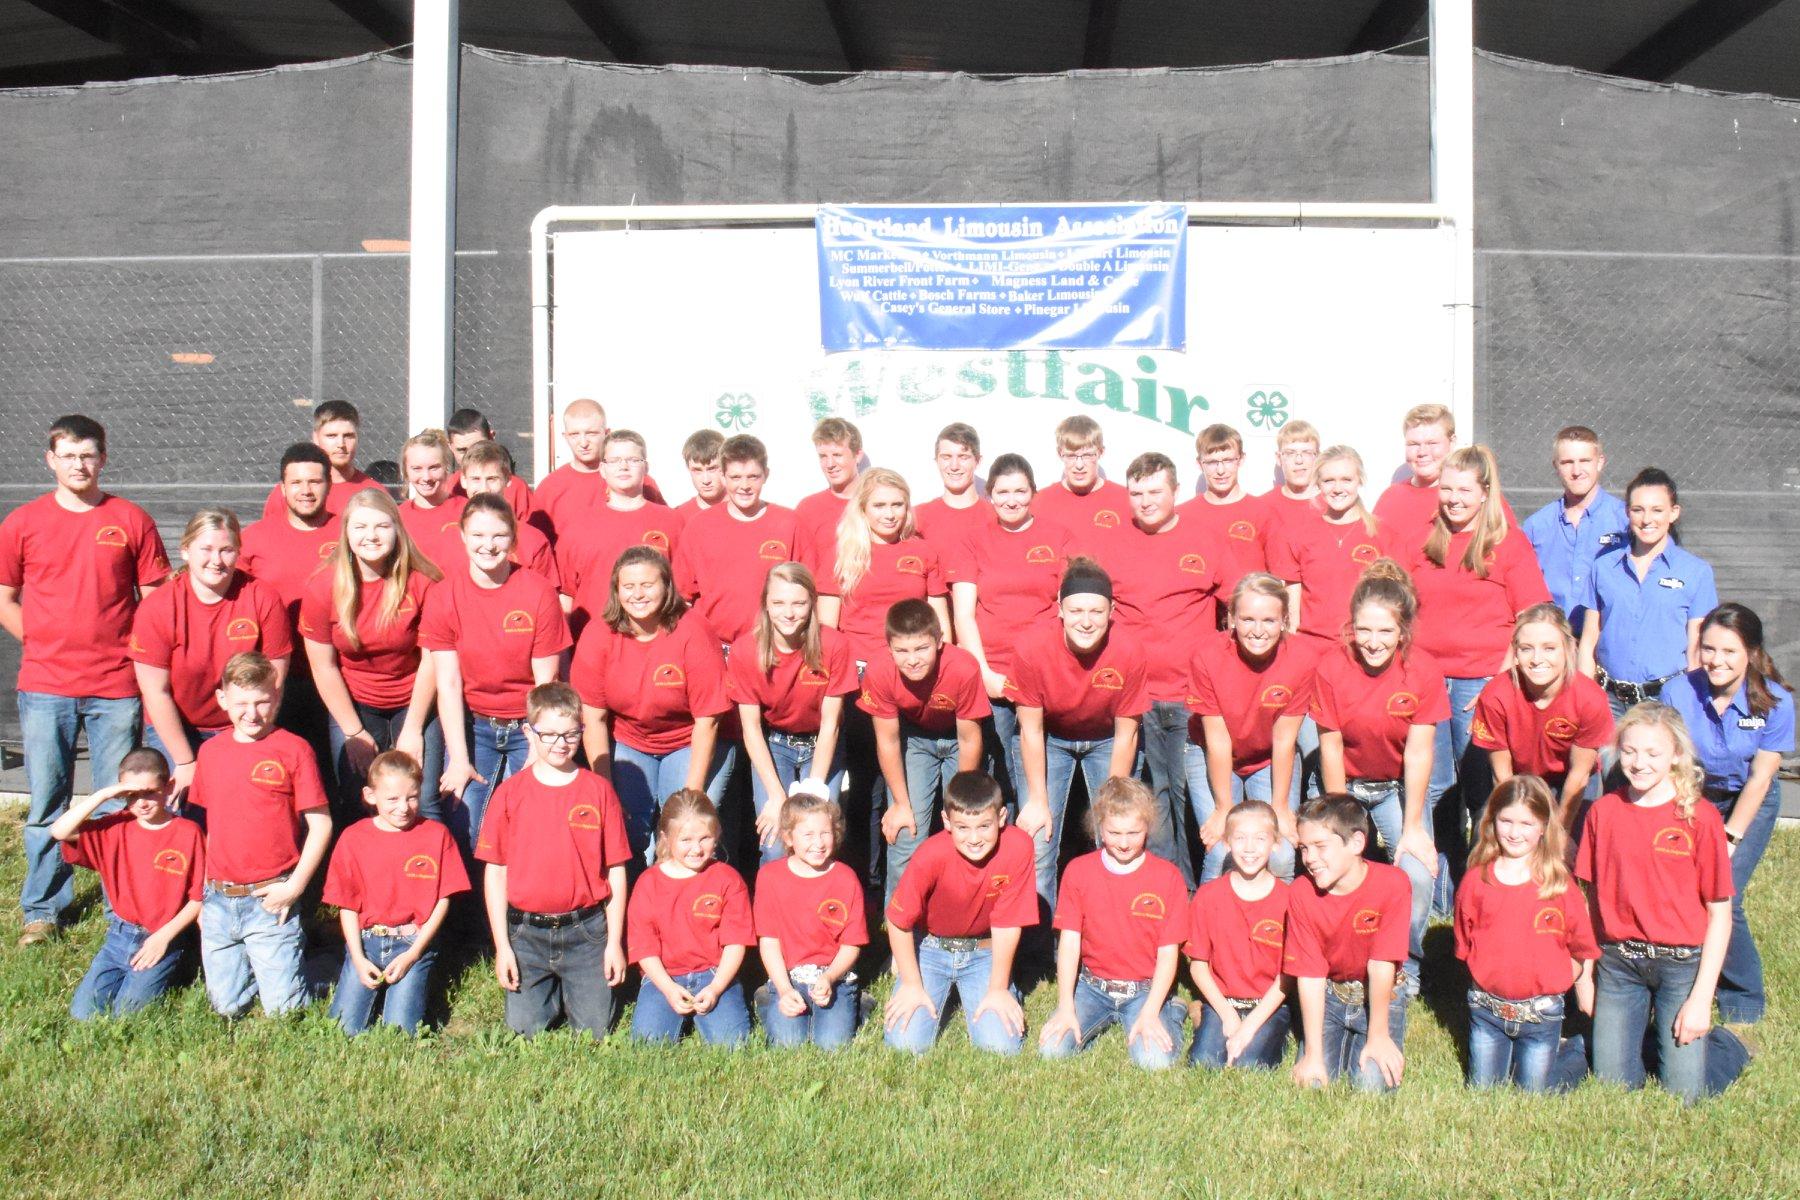 Heartland Junior Regional